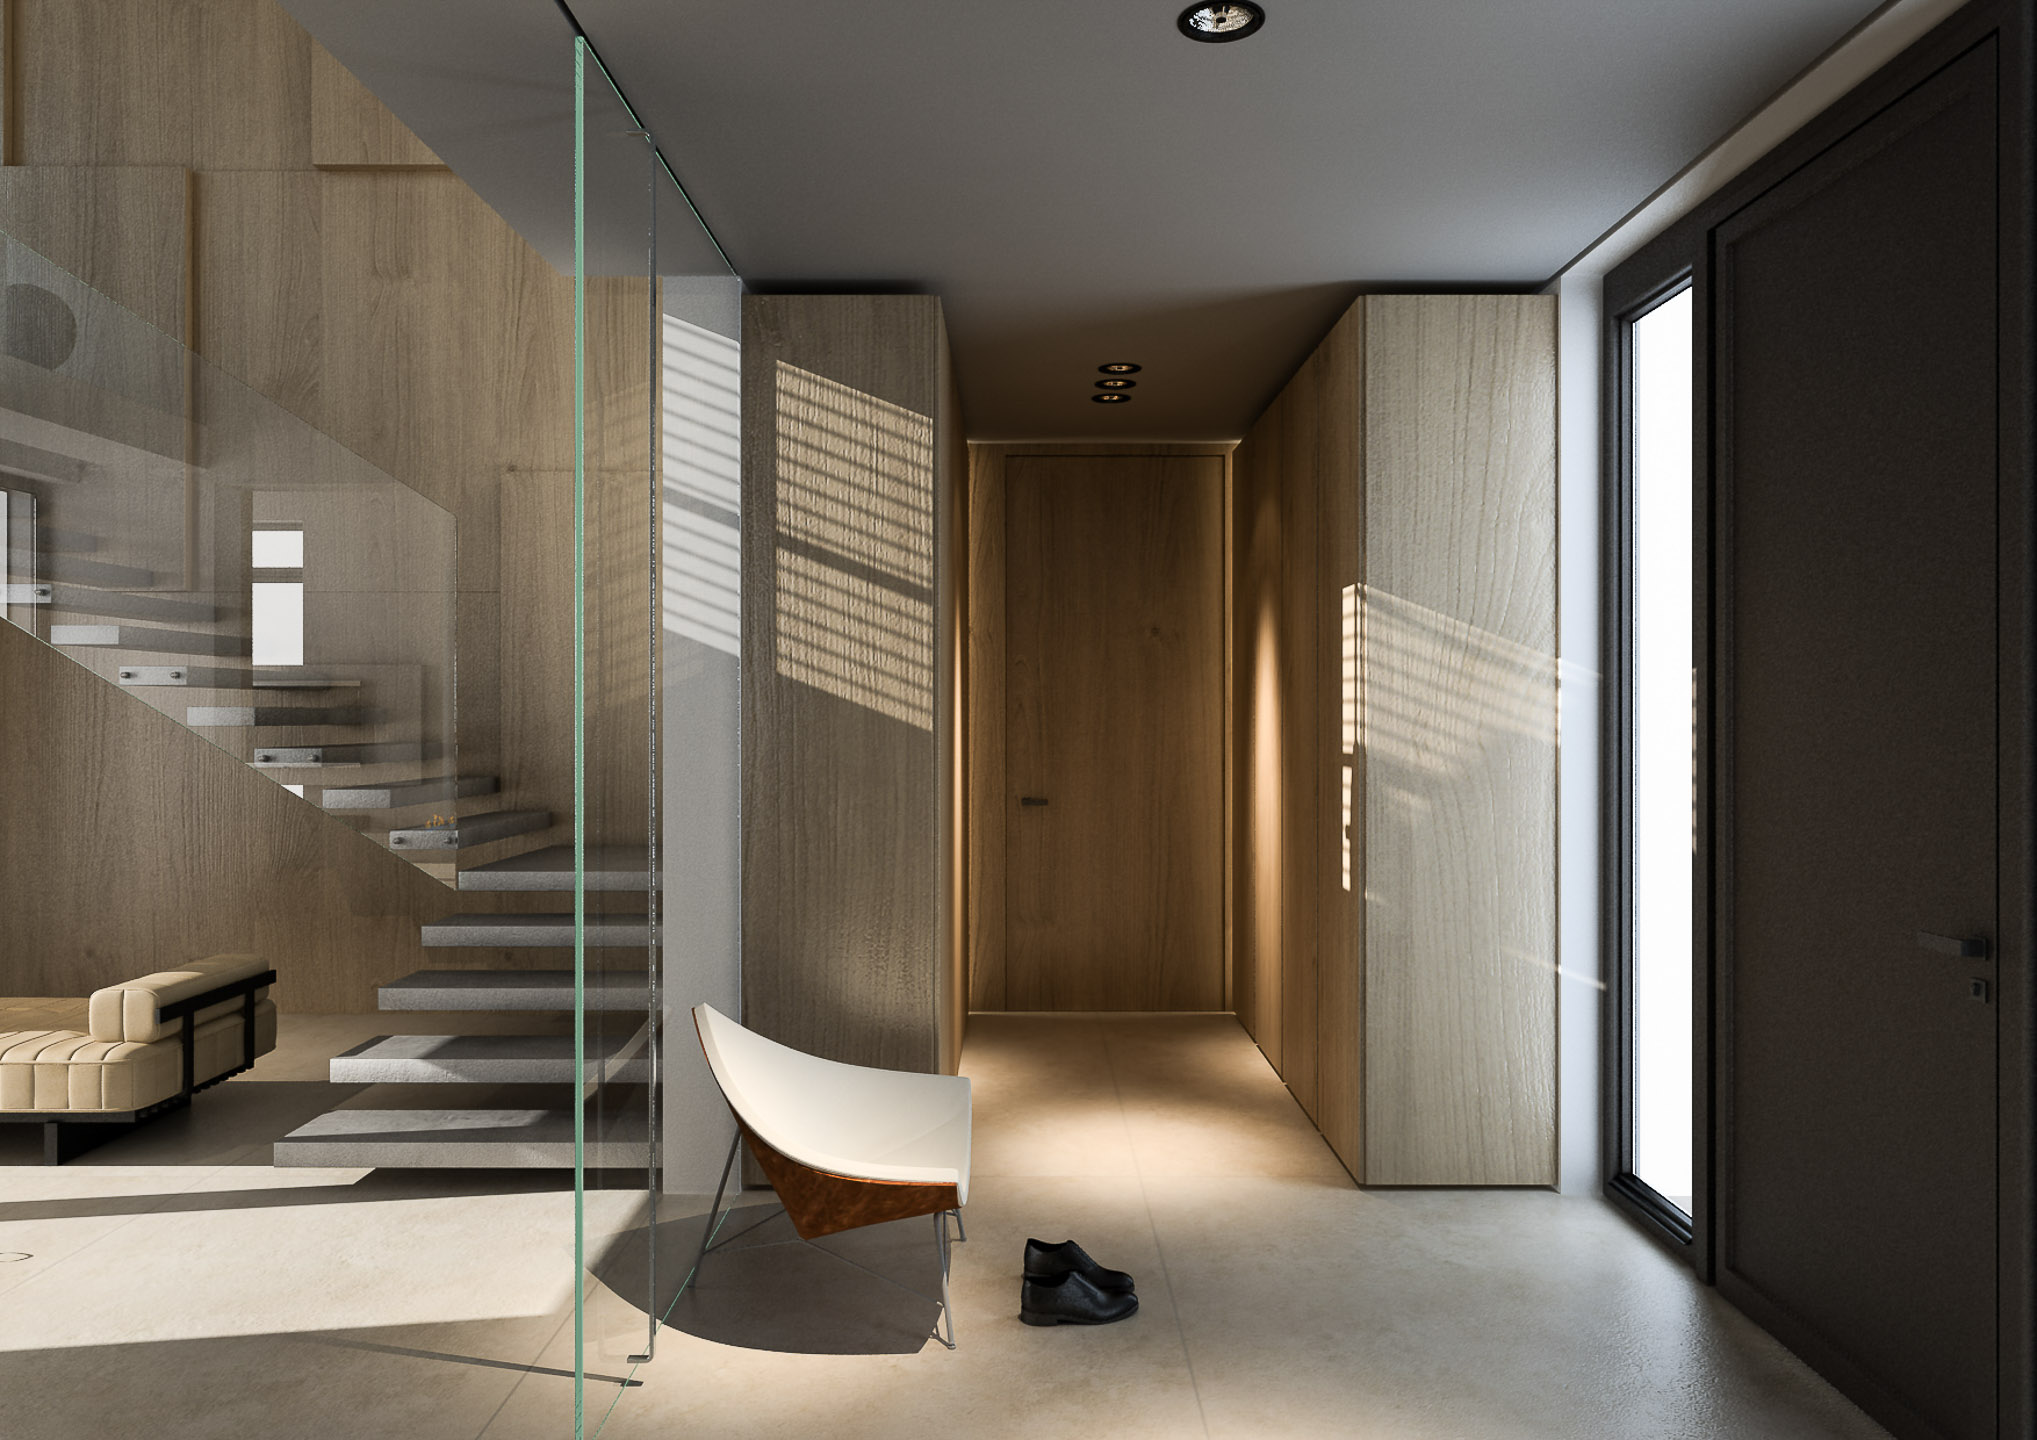 Przeszklenia we wnętrzu jako sposób na minimalistyczne rozgraniczenie pomieszczeń | proj. Pjanka Studio